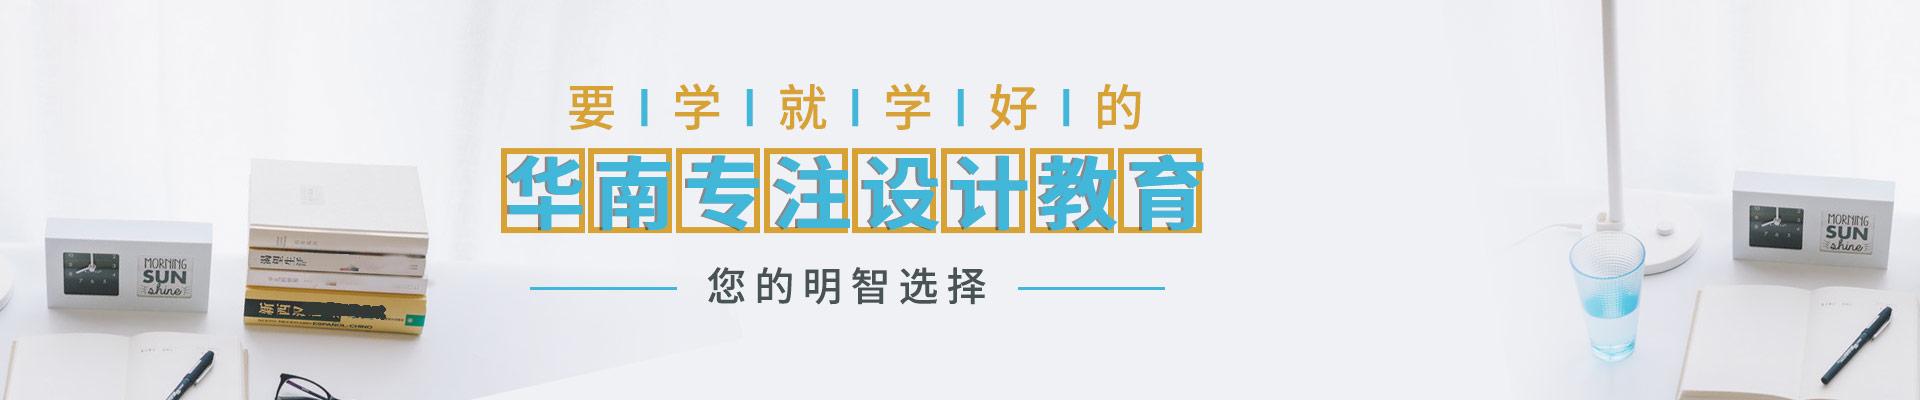 厦门华南设计教育